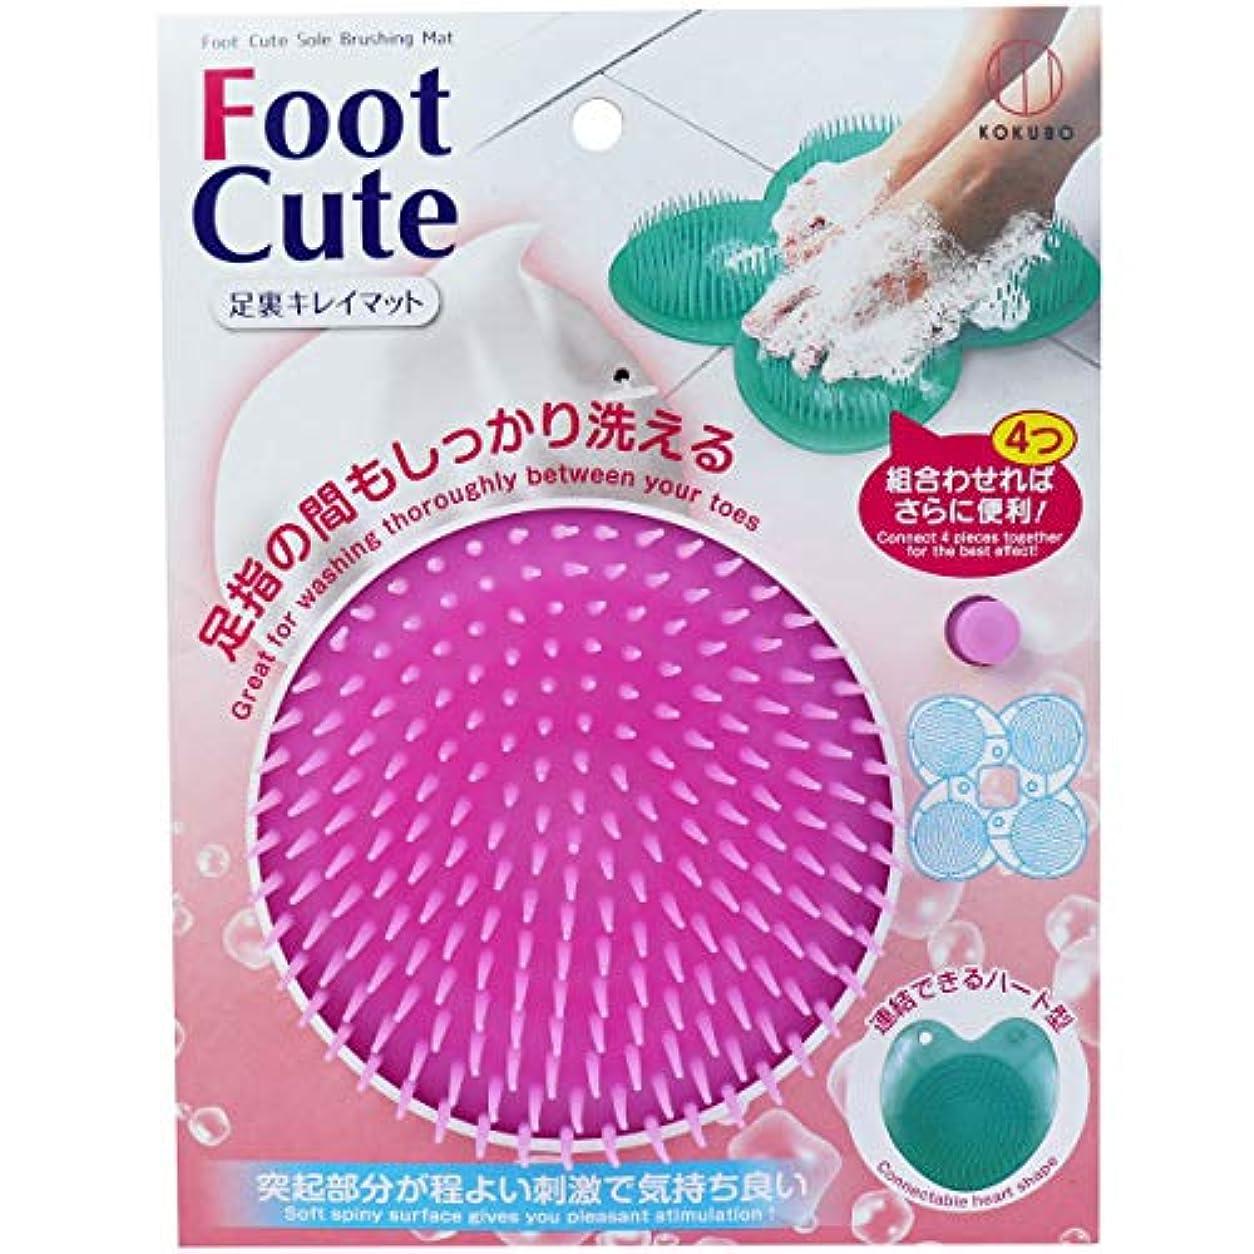 陰謀飛び込む消す小久保工業所 Foot Cute 足裏キレイマット ピンク KH-056 1個